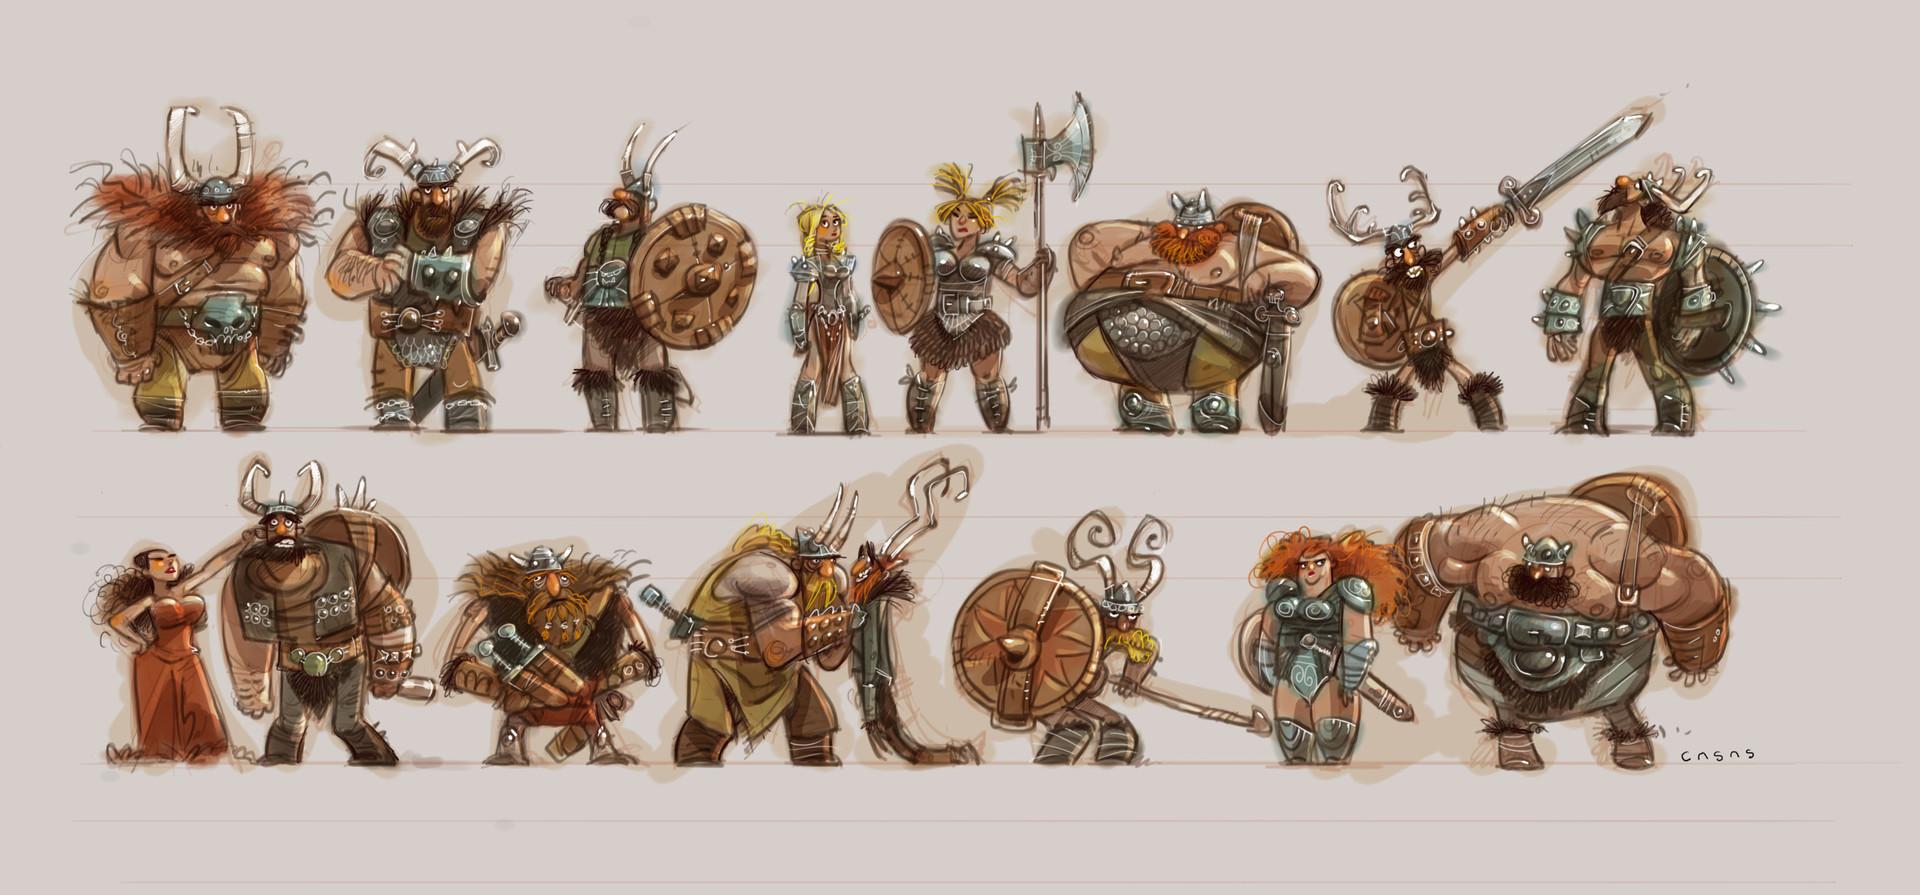 Guillermo casas viking1